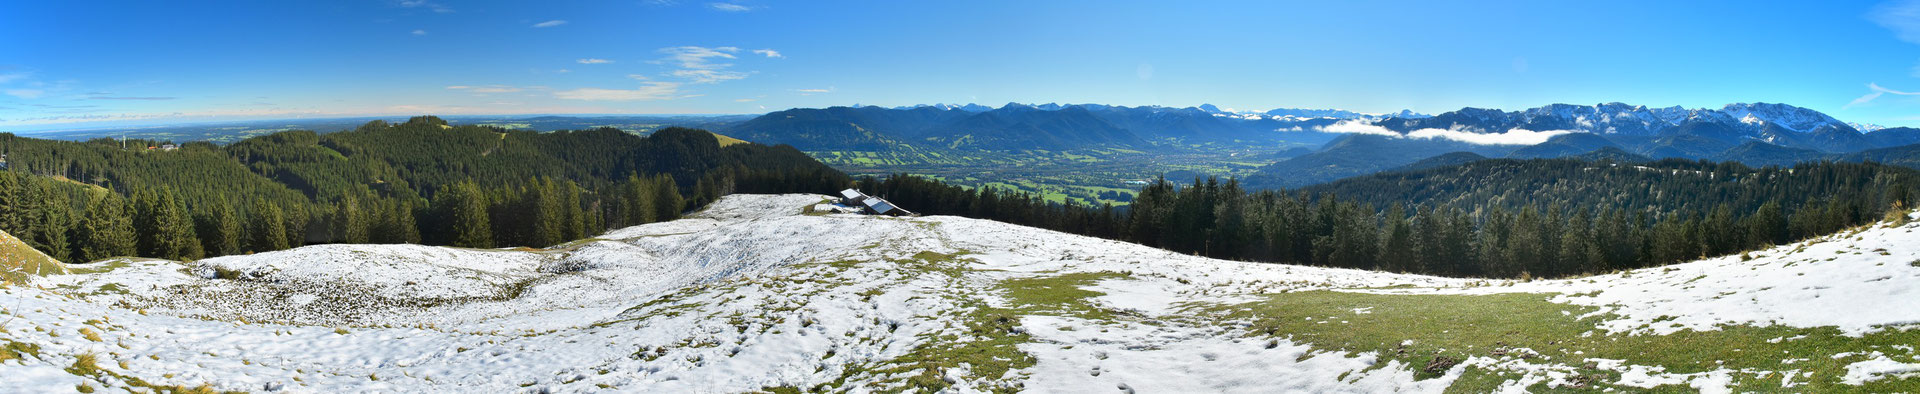 Panorama, Drohnenfoto , Zwiesel, Rund um Blick, Winter, Schnee, Grat, Alpen, Berge